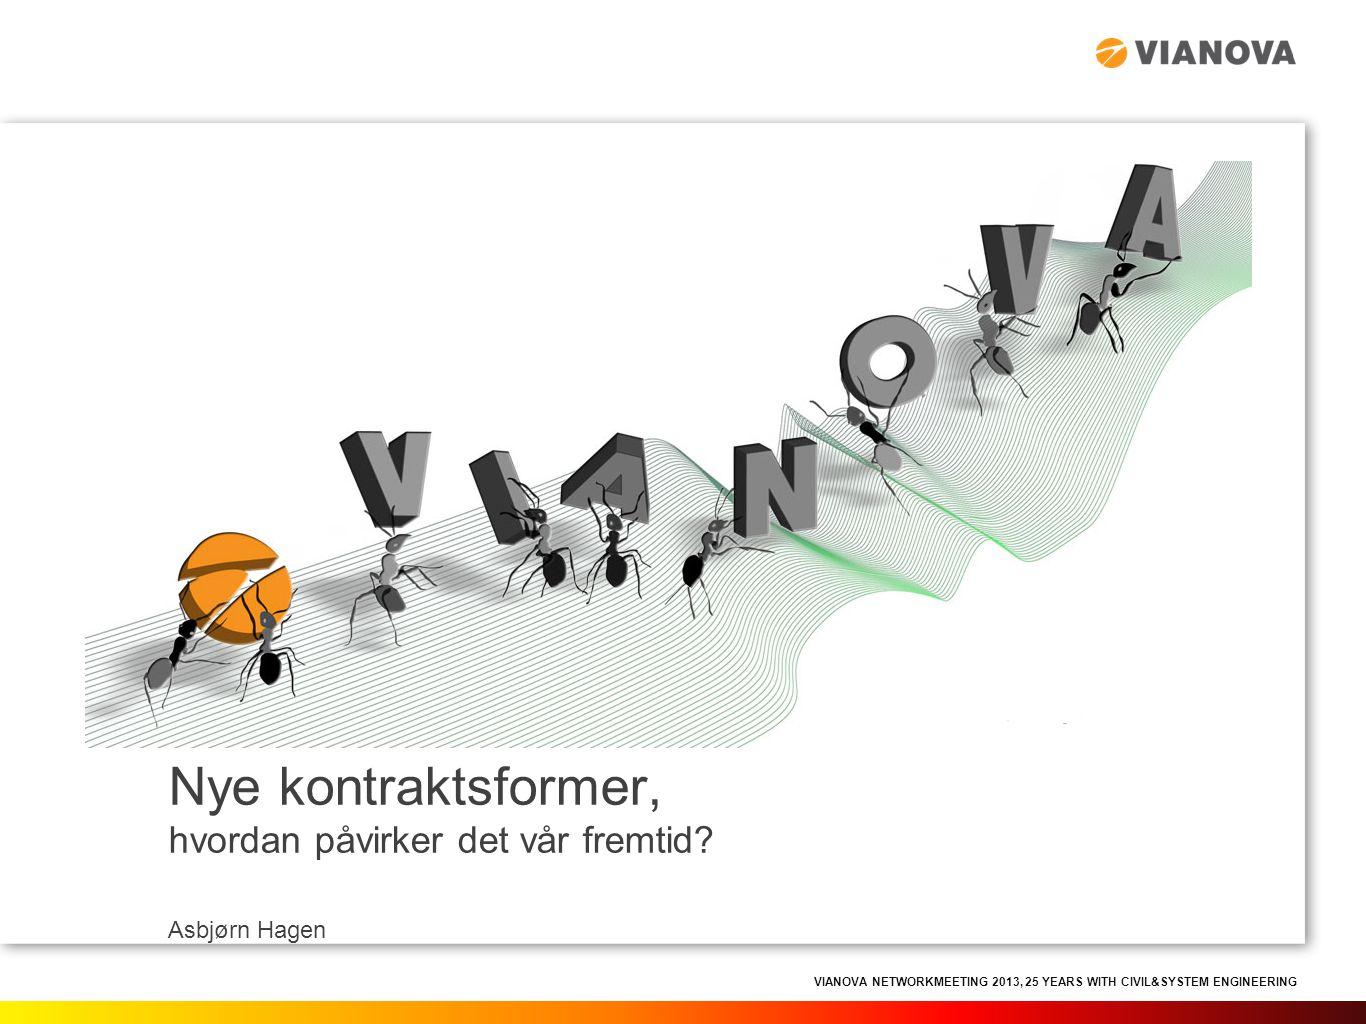 VIANOVA NETWORKMEETING 2013, 25 YEARS WITH CIVIL&SYSTEM ENGINEERING Nye kontraktsformer, hvordan påvirker det vår fremtid? Asbjørn Hagen